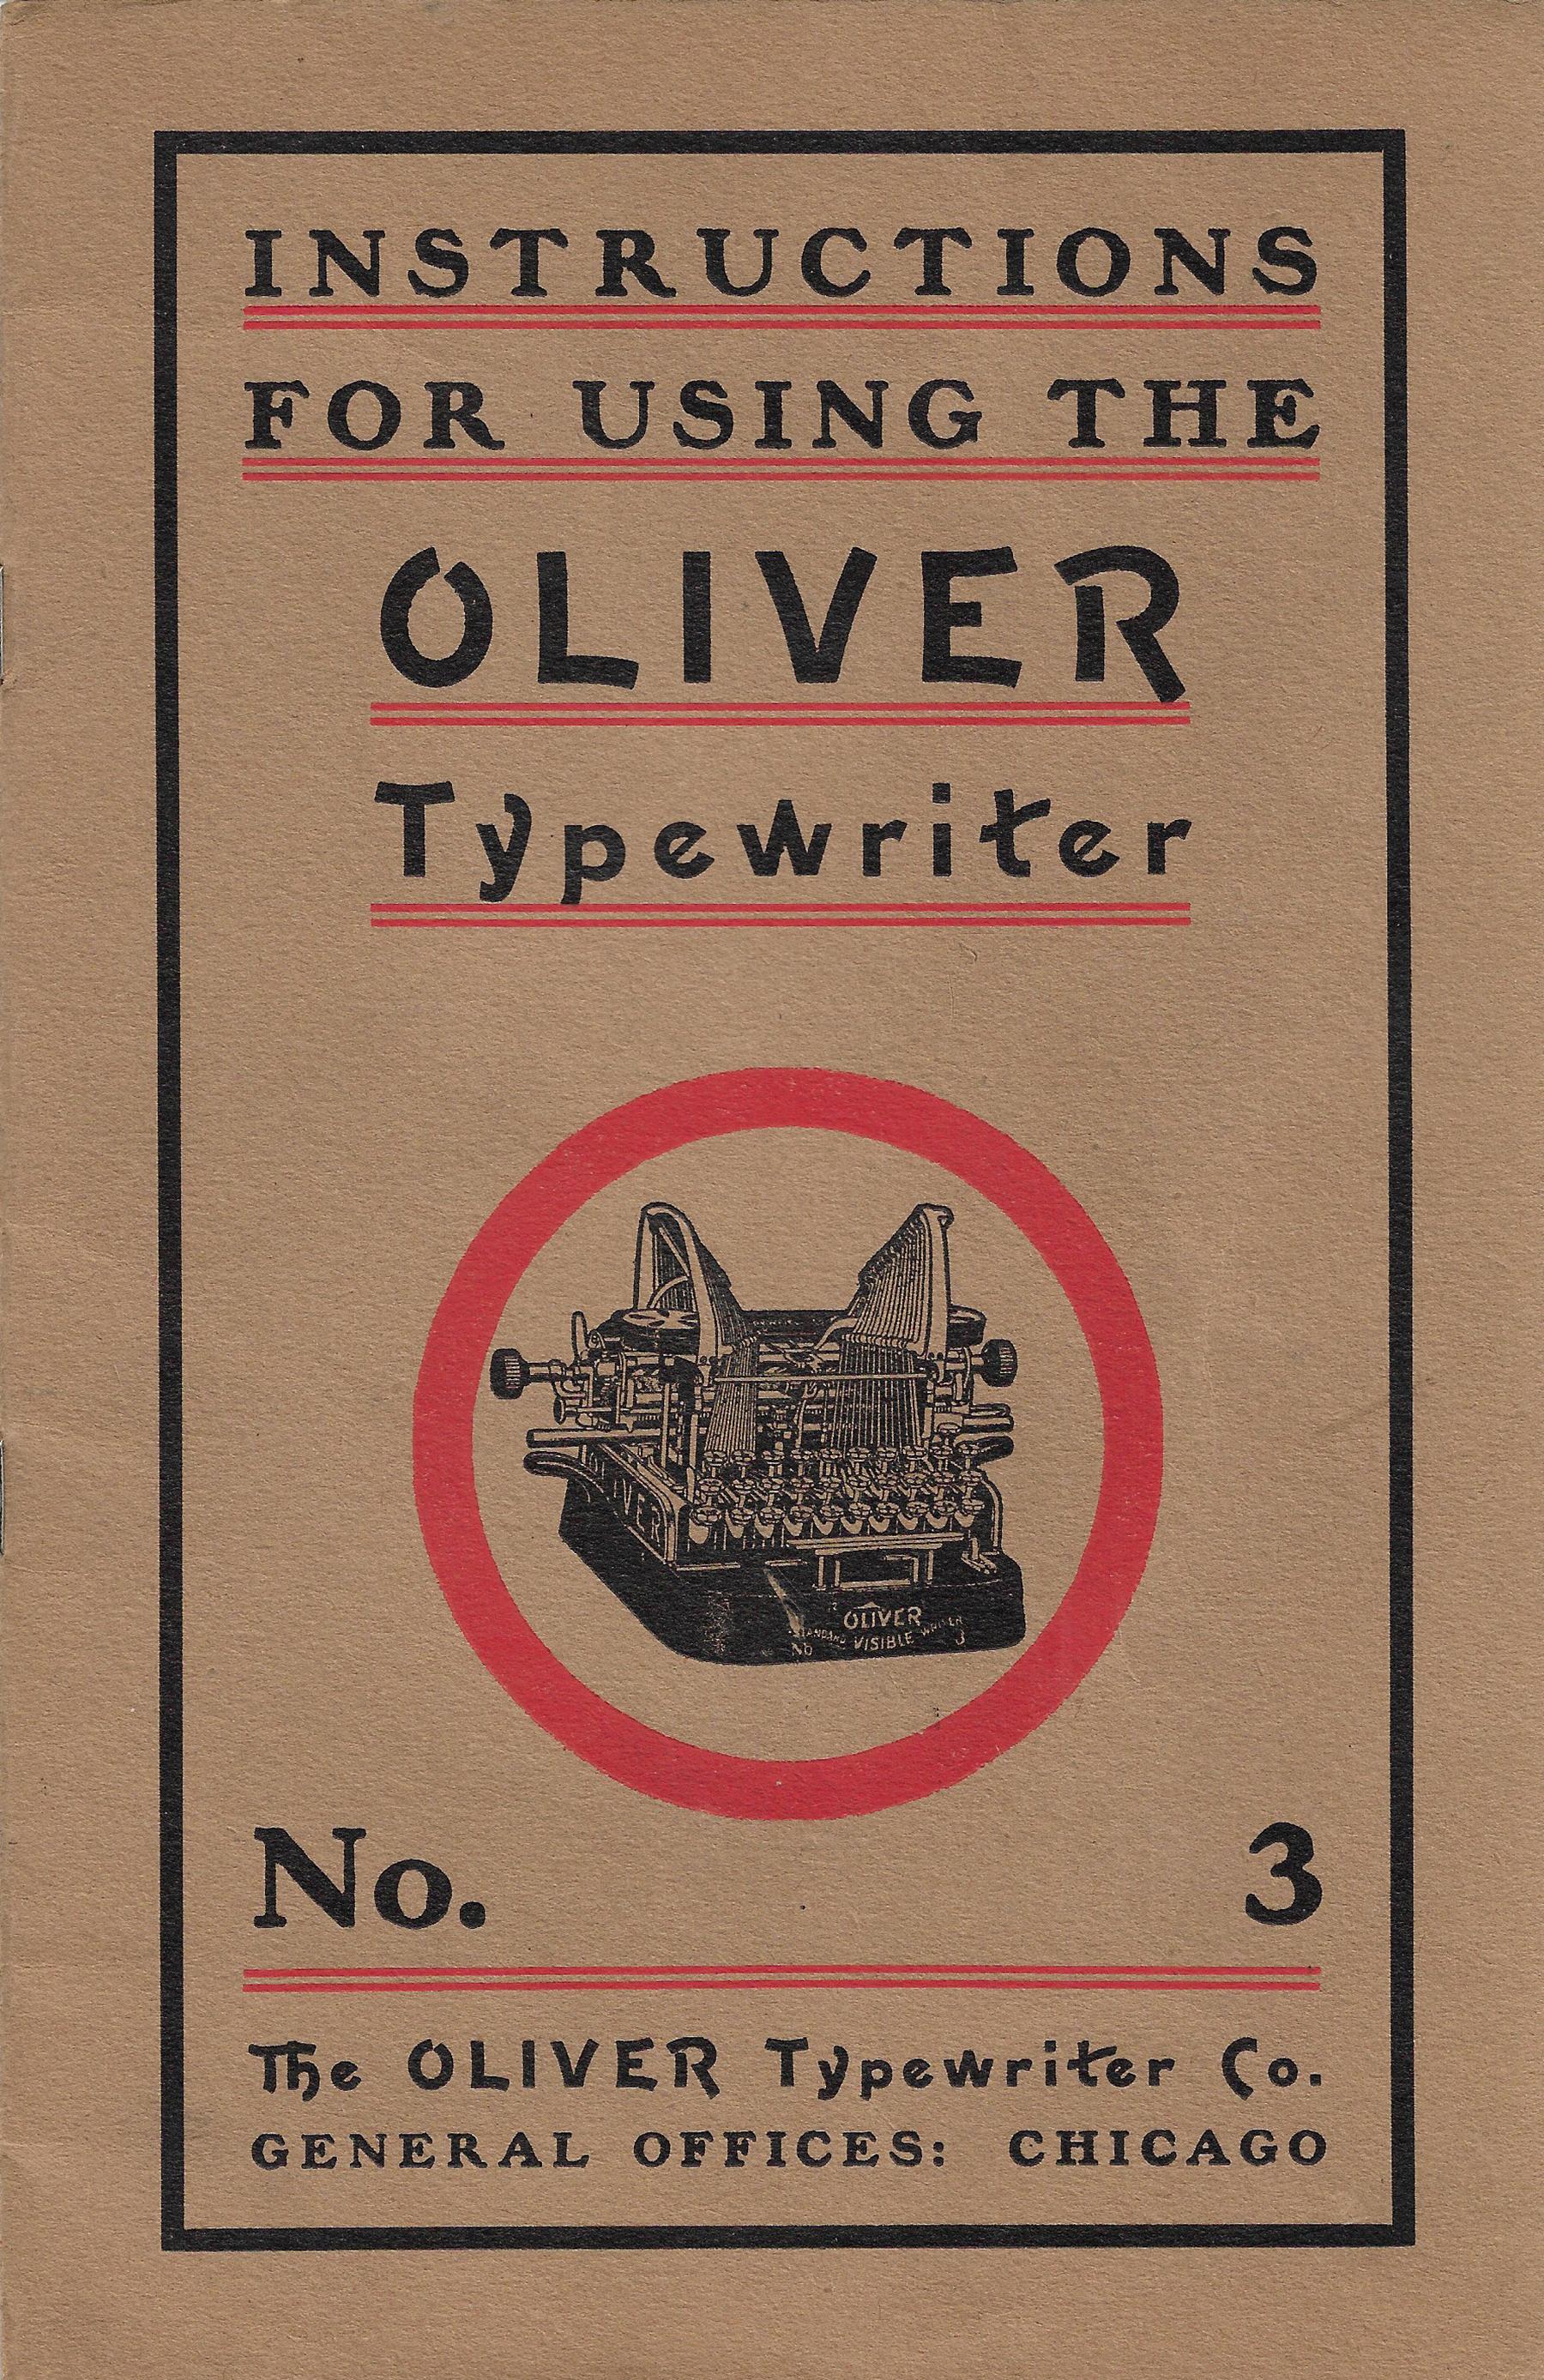 Oliver No. 3 Intstruction Manual